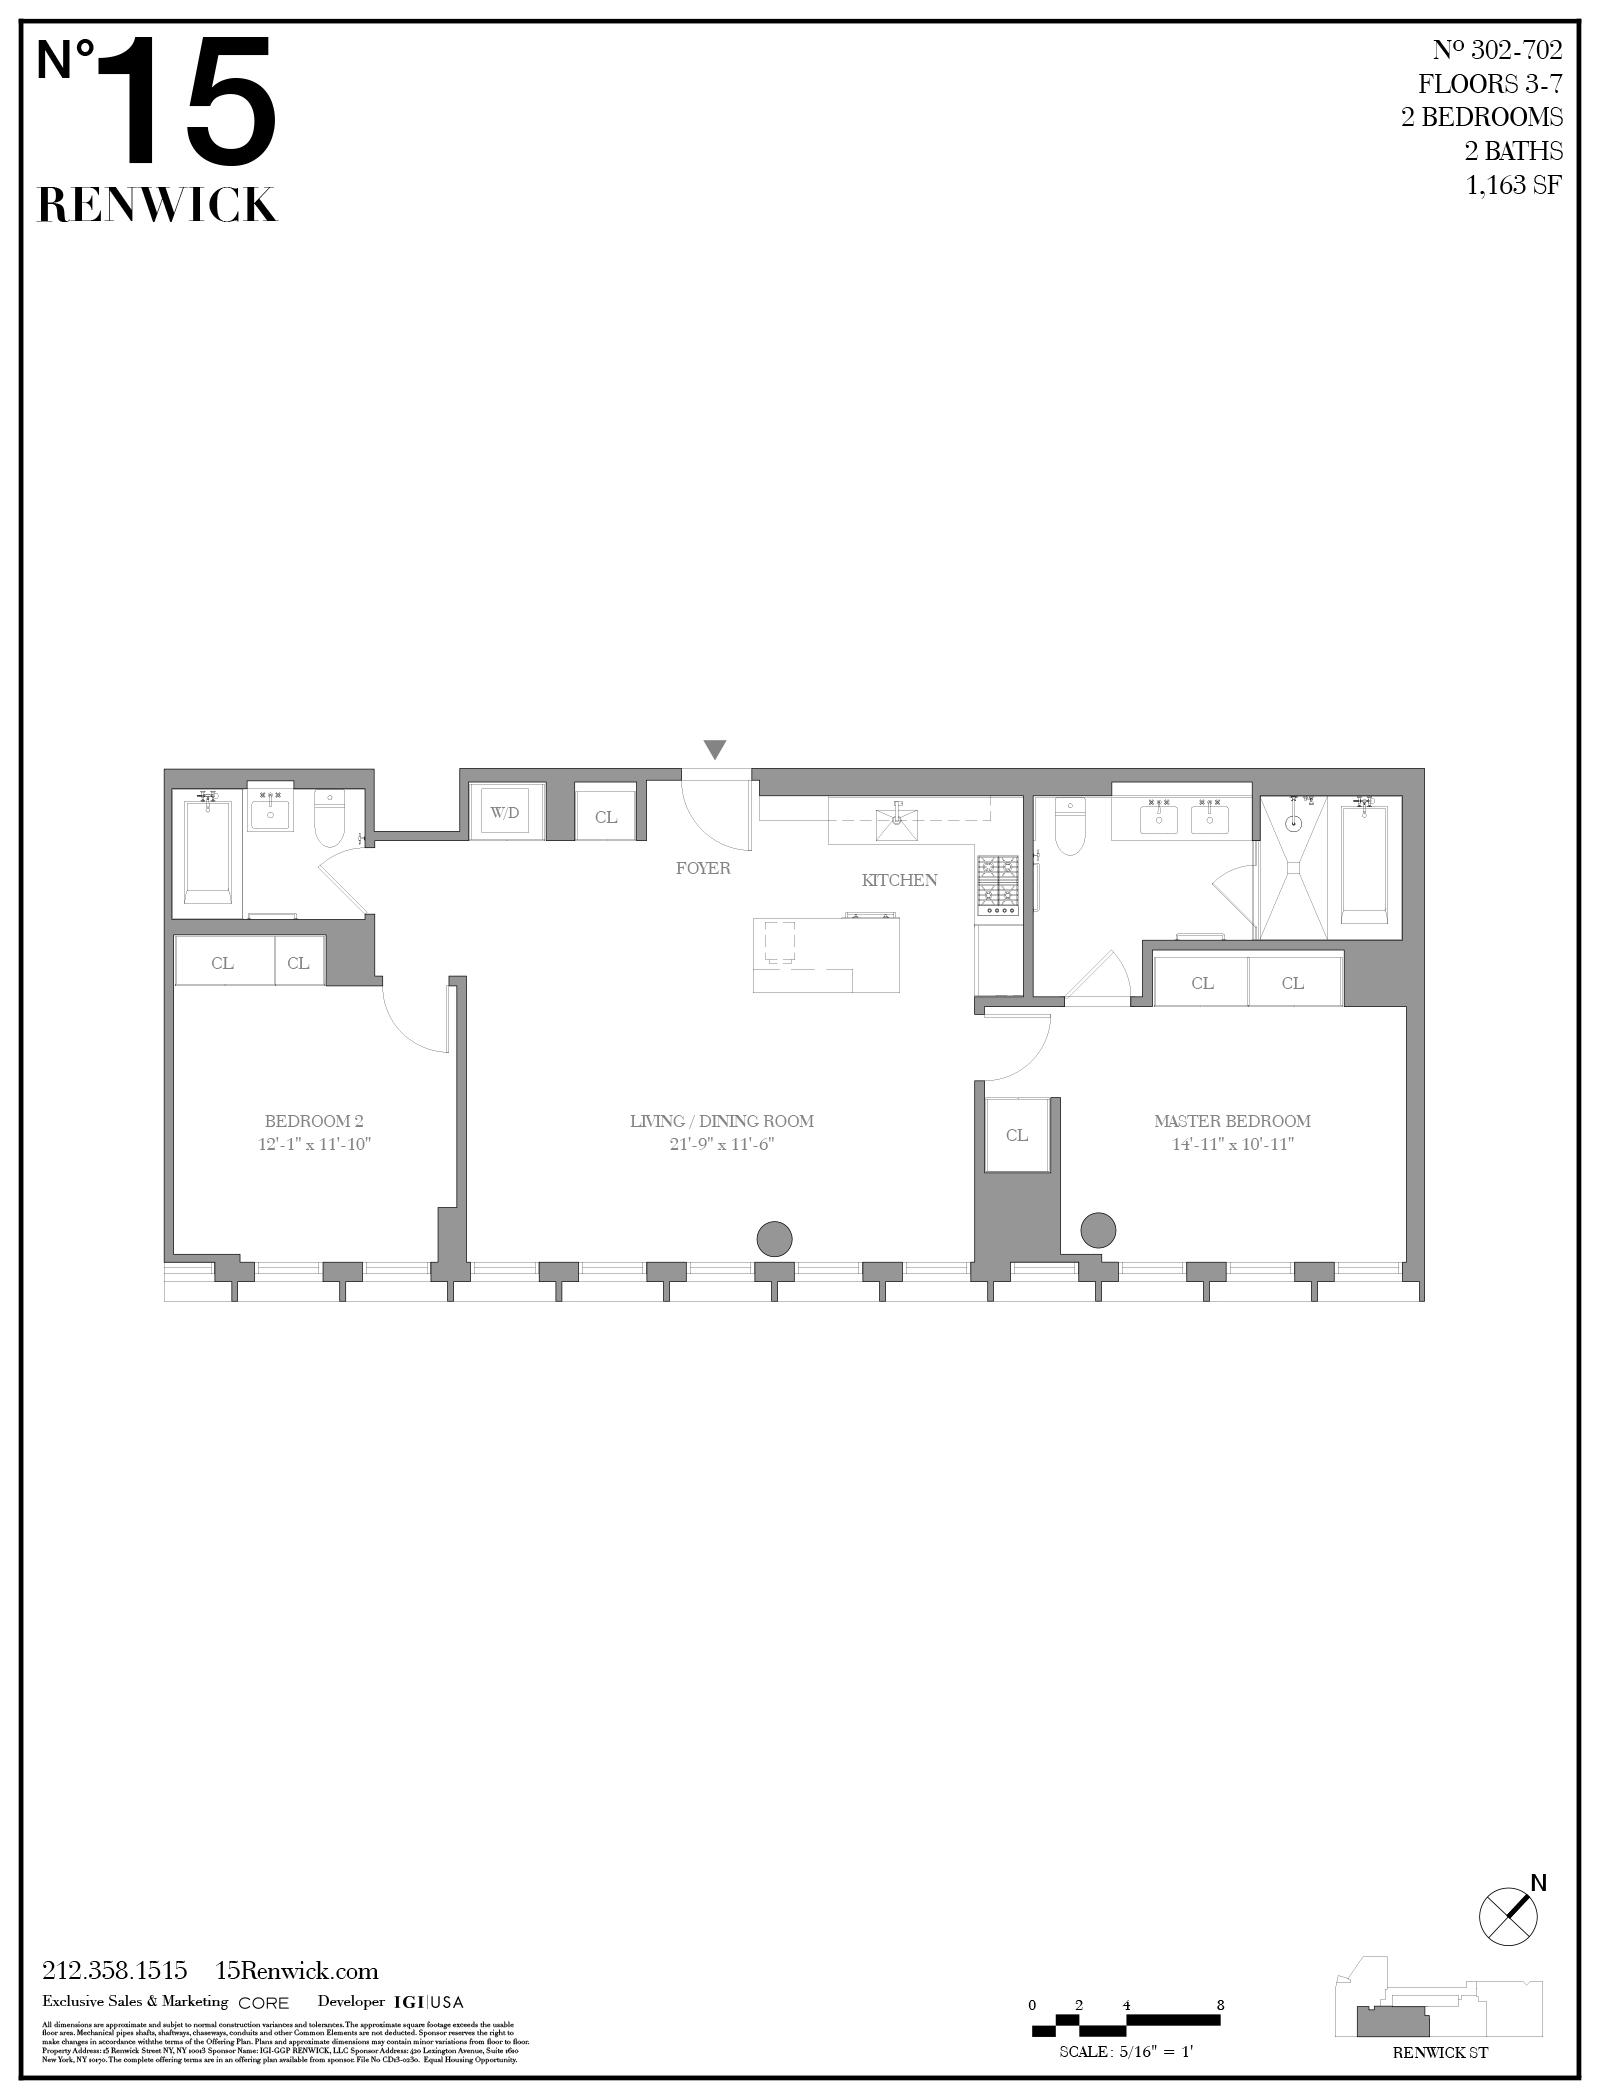 15 Renwick St. 502, New York, NY 10013